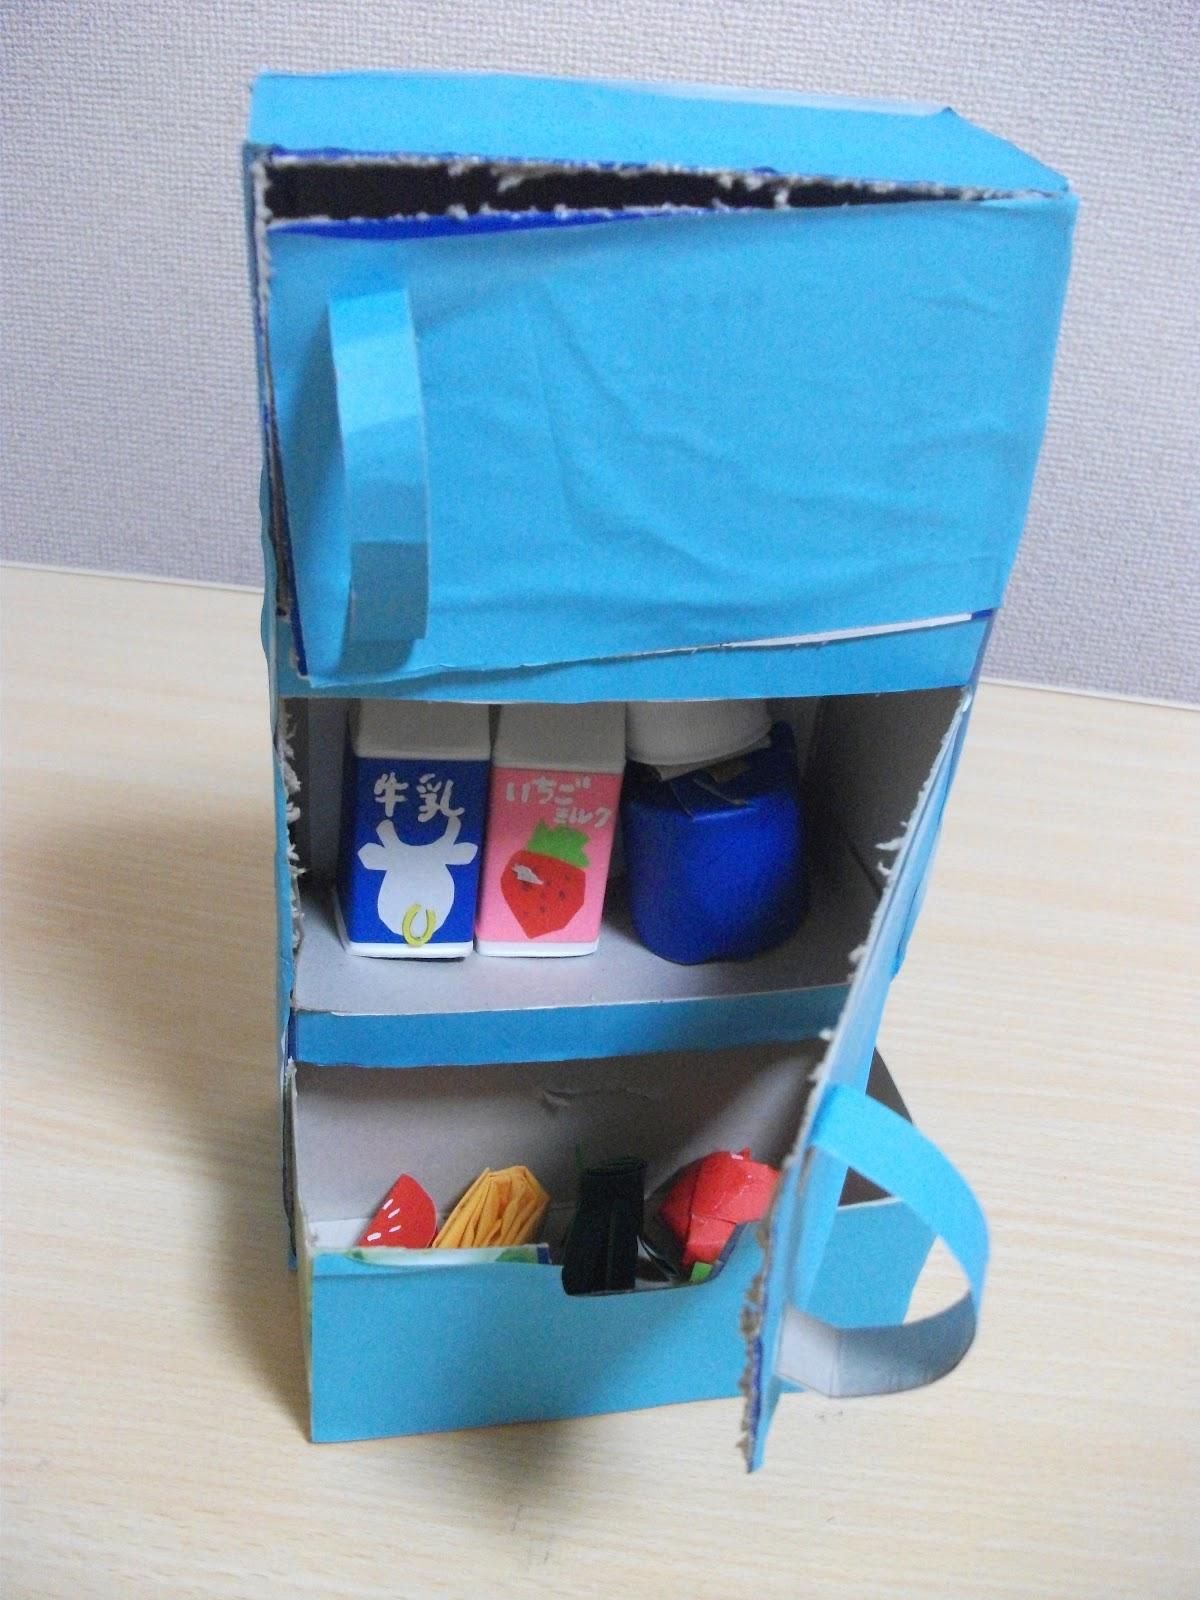 Refrigerator Tissue Box Craft | Preschool Crafts for Kids - photo#46